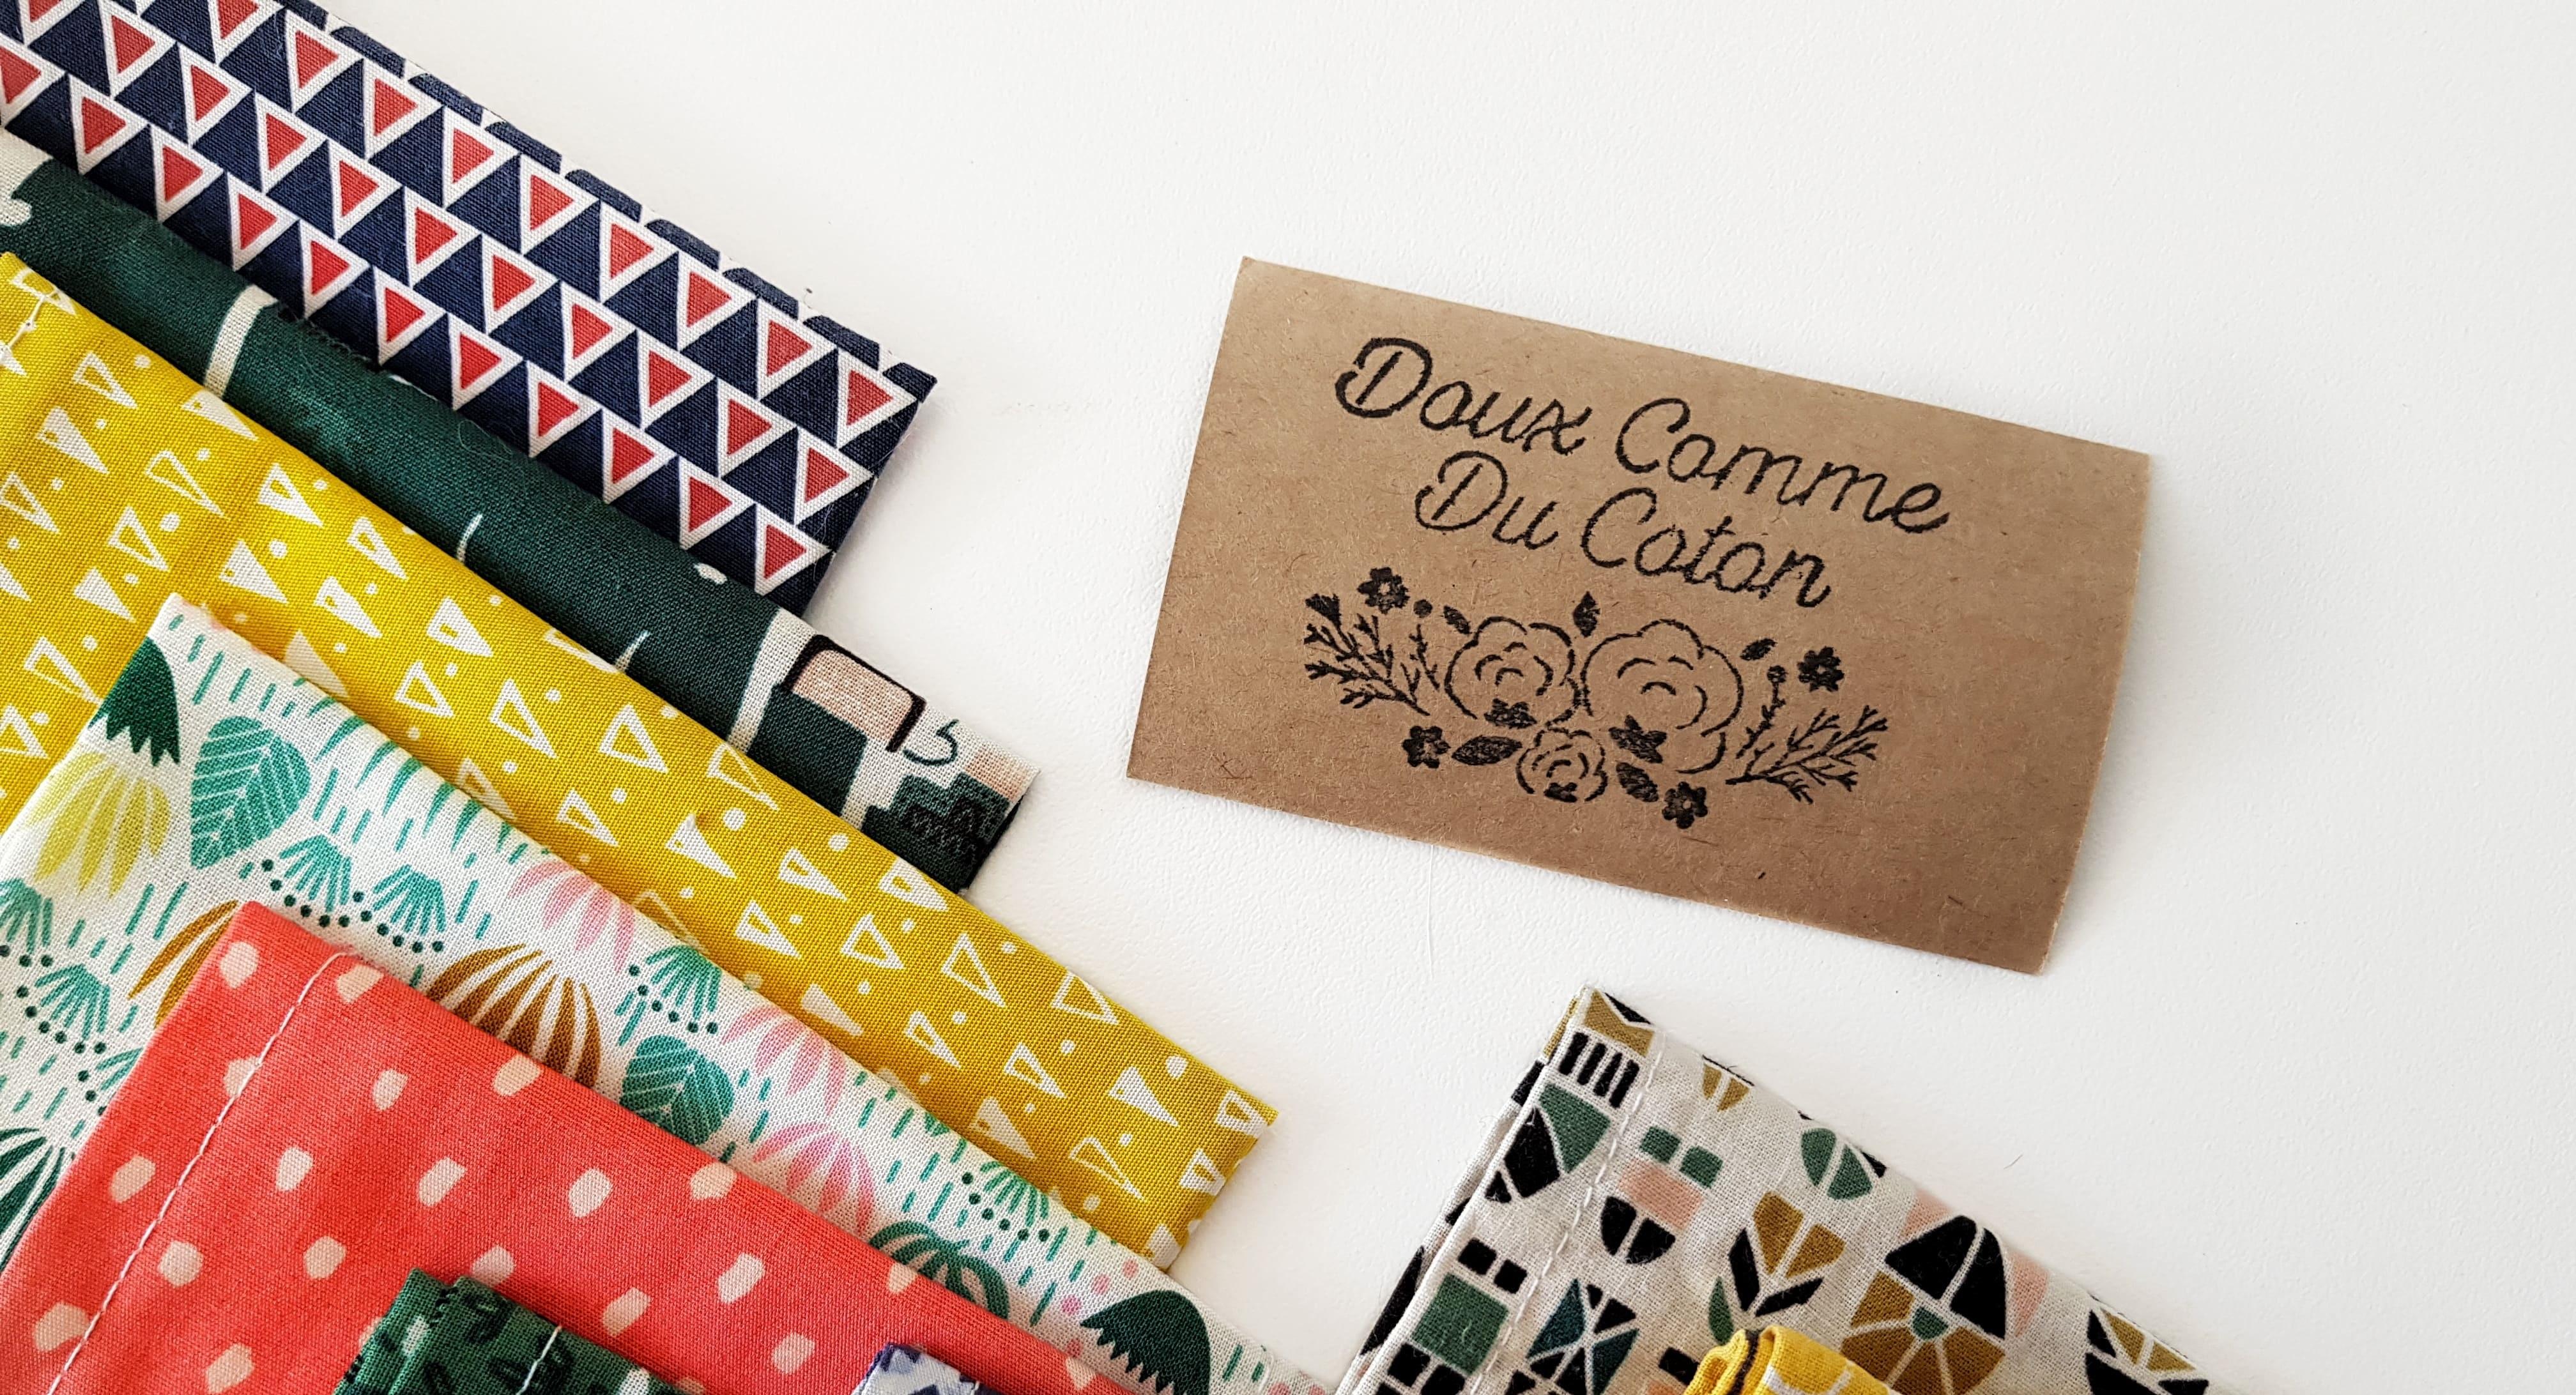 mouchoirs-doux-comme-du-coton